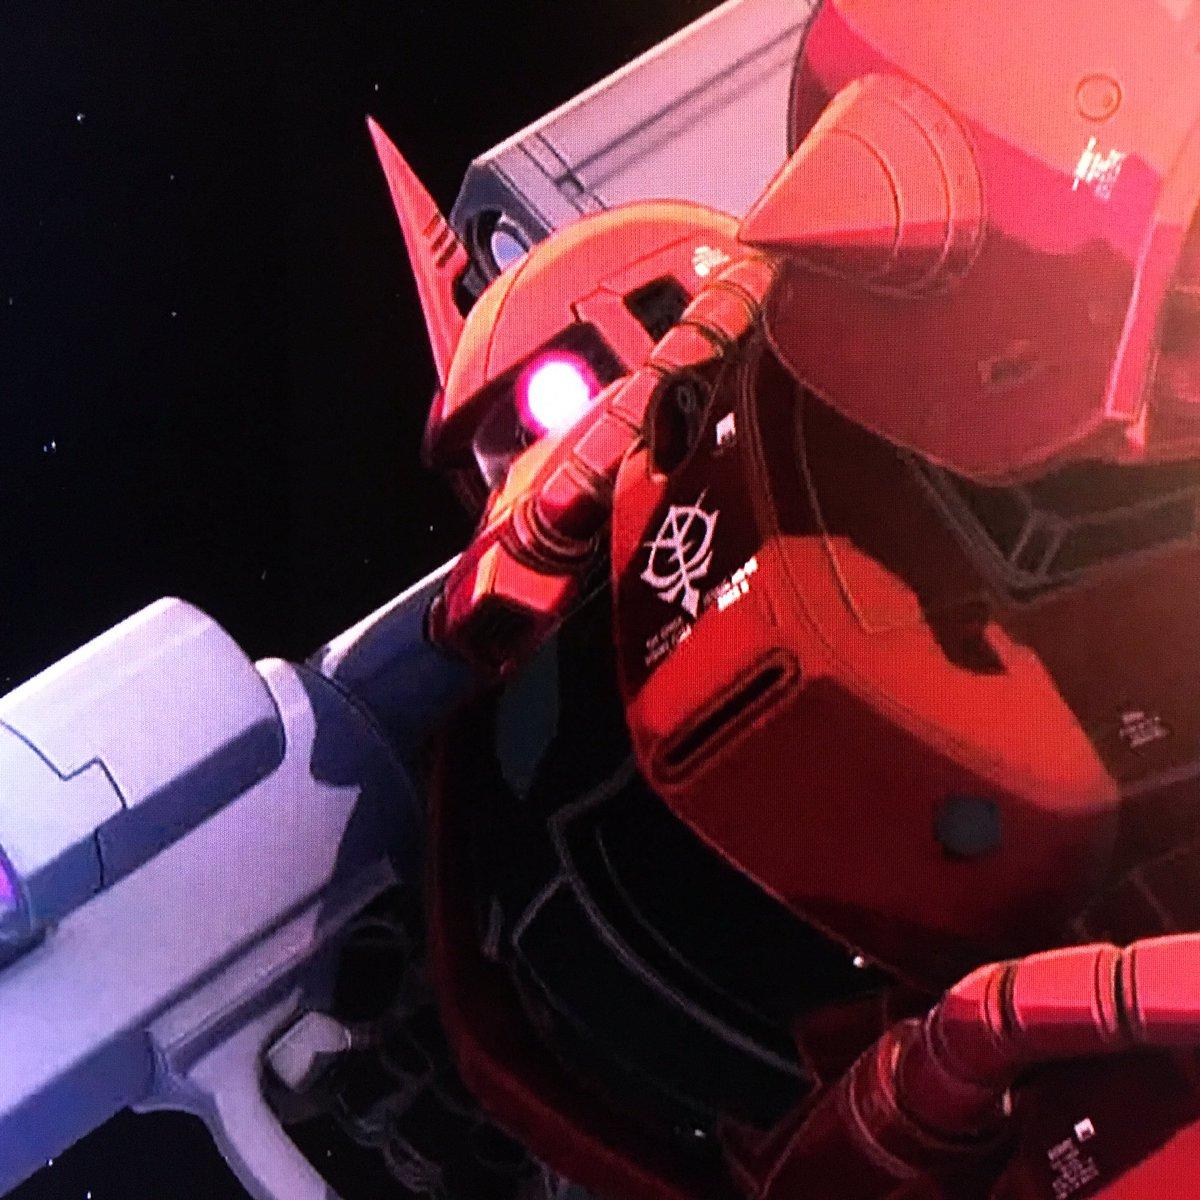 Rick Deckard シャア テキサス か セイラ 赤い モビルスーツ The Originのシャアはカッコ良すぎる 機動戦士ガンダムtheorigin シャア セイラ テキサスコロニー 赤いモビルスーツ Theorigin シャア中尉 シャア専用ザク 機動戦士ガンダム